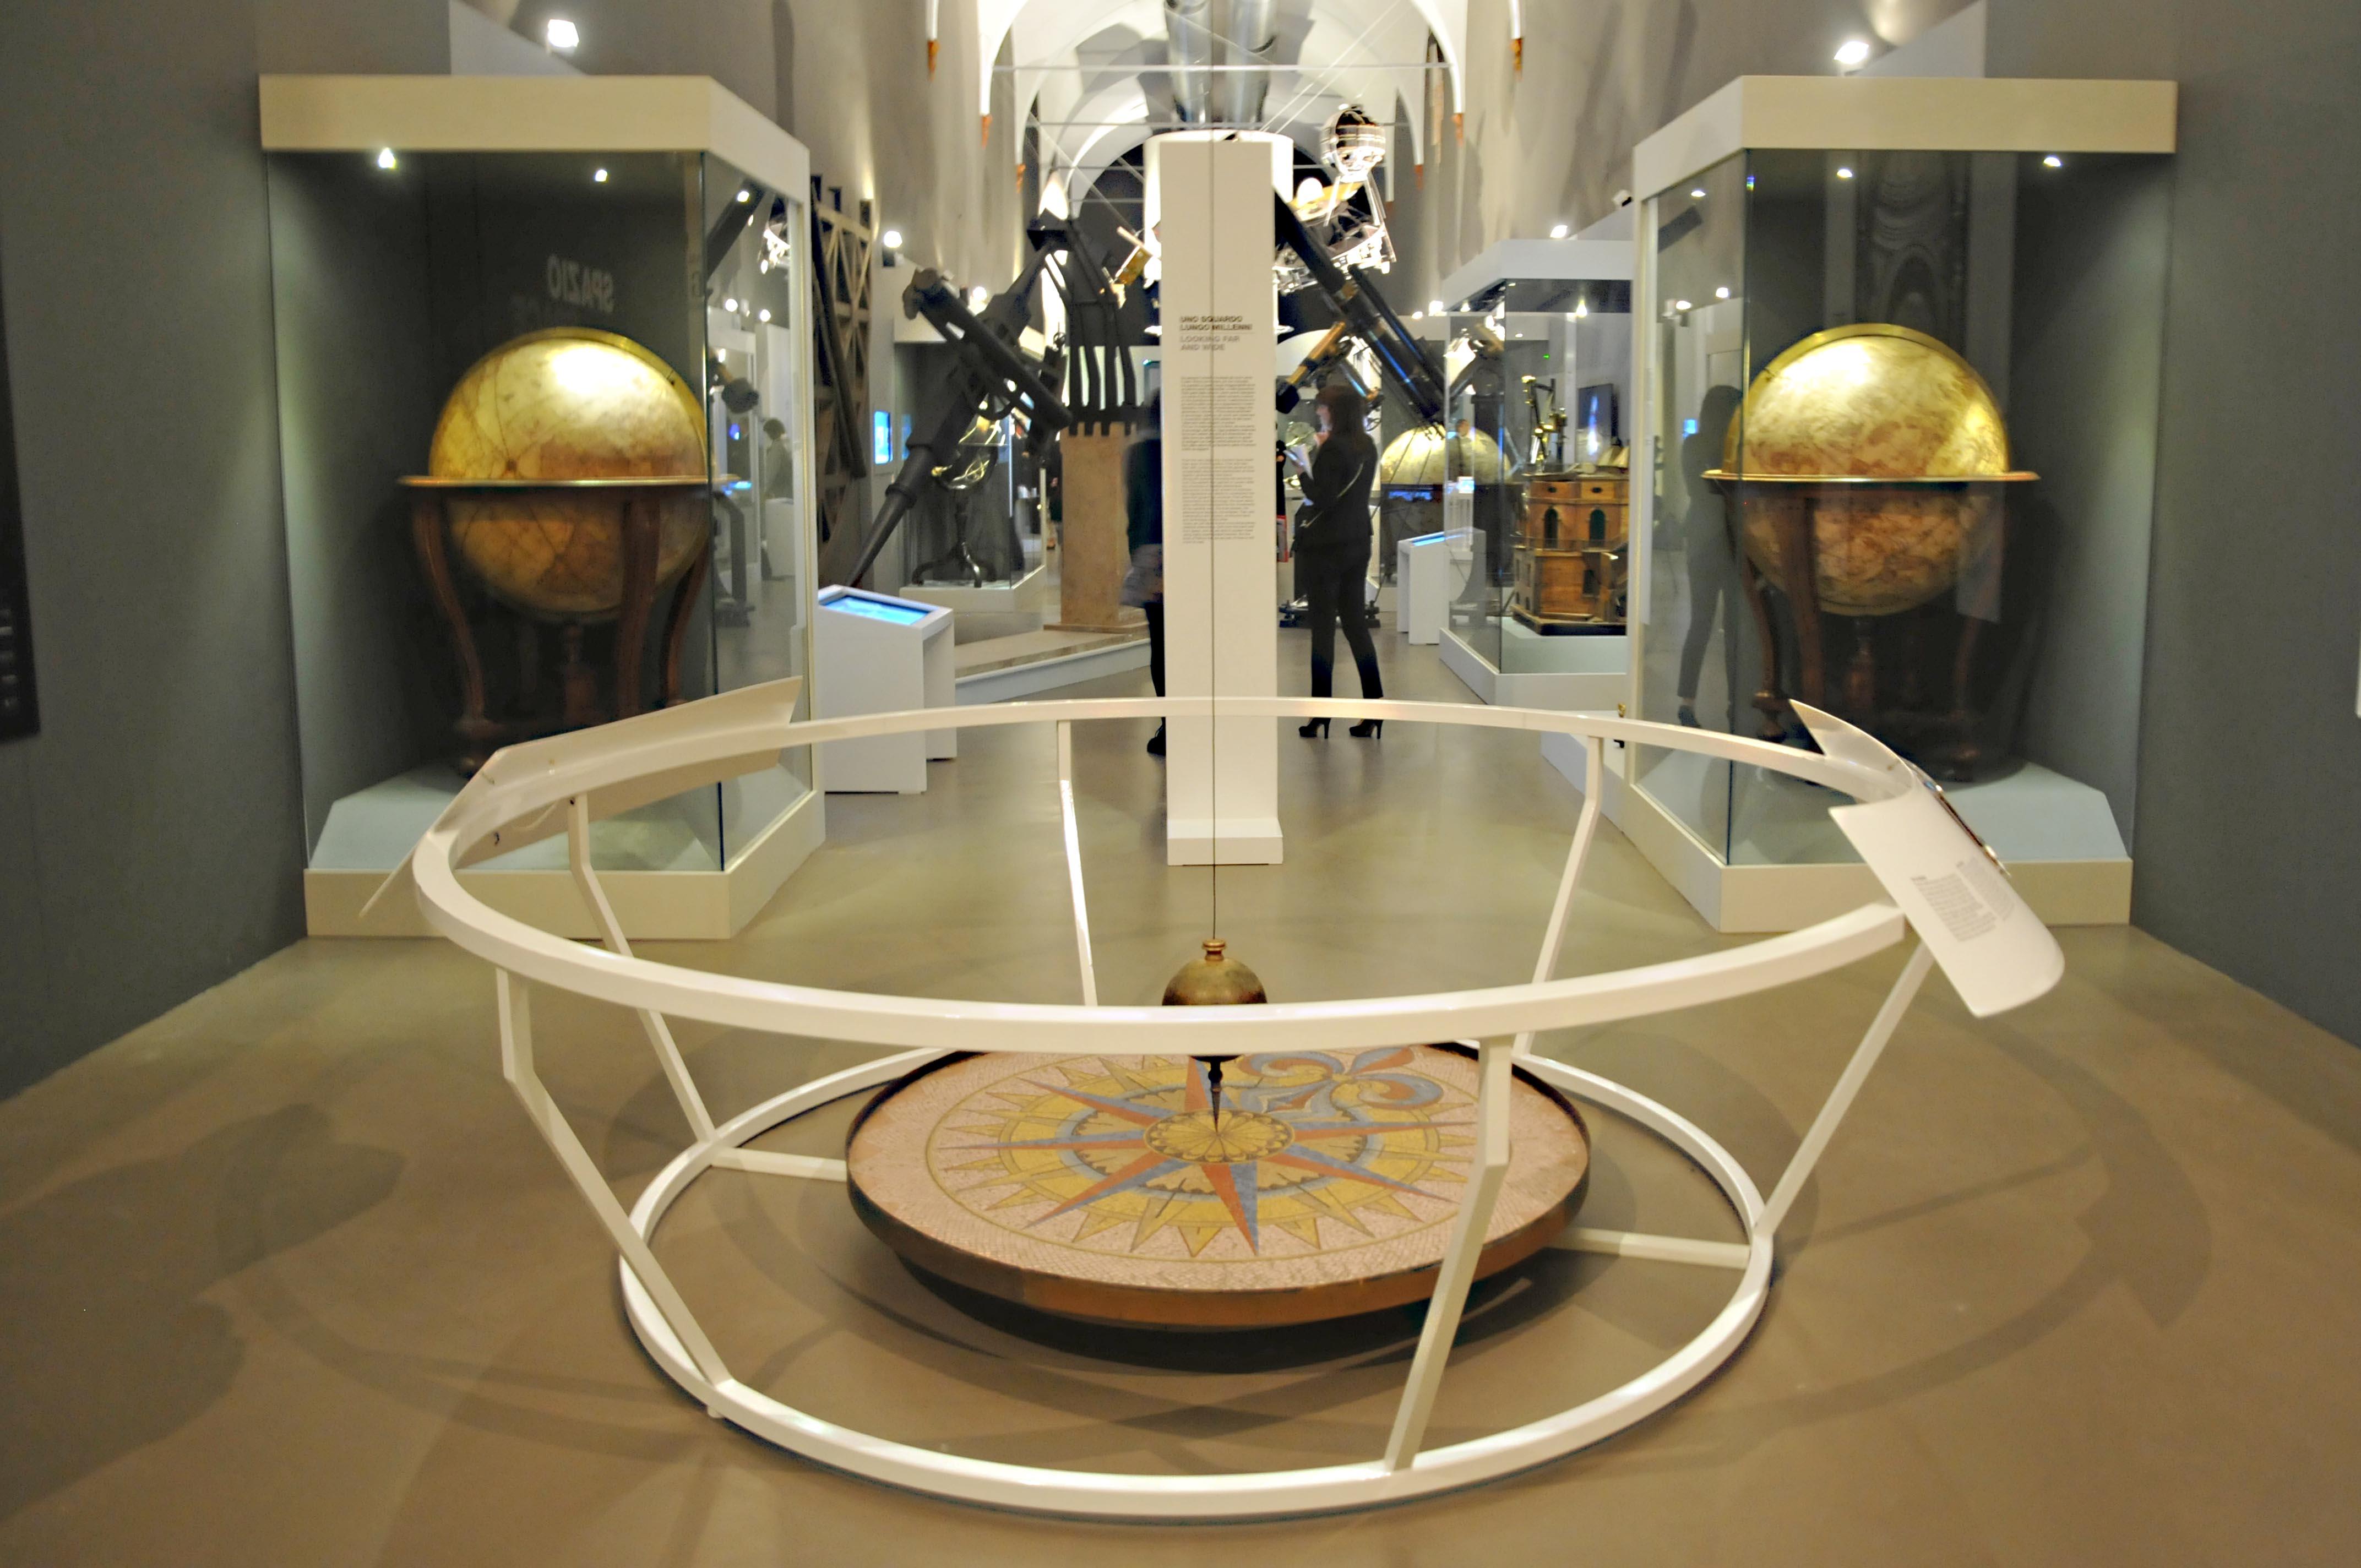 spazio-la-nuova-esposizione-interattiva-samsung-milano-museo-nazionale-scienza-tecnologia-eugene-cernan-rc-foto-3